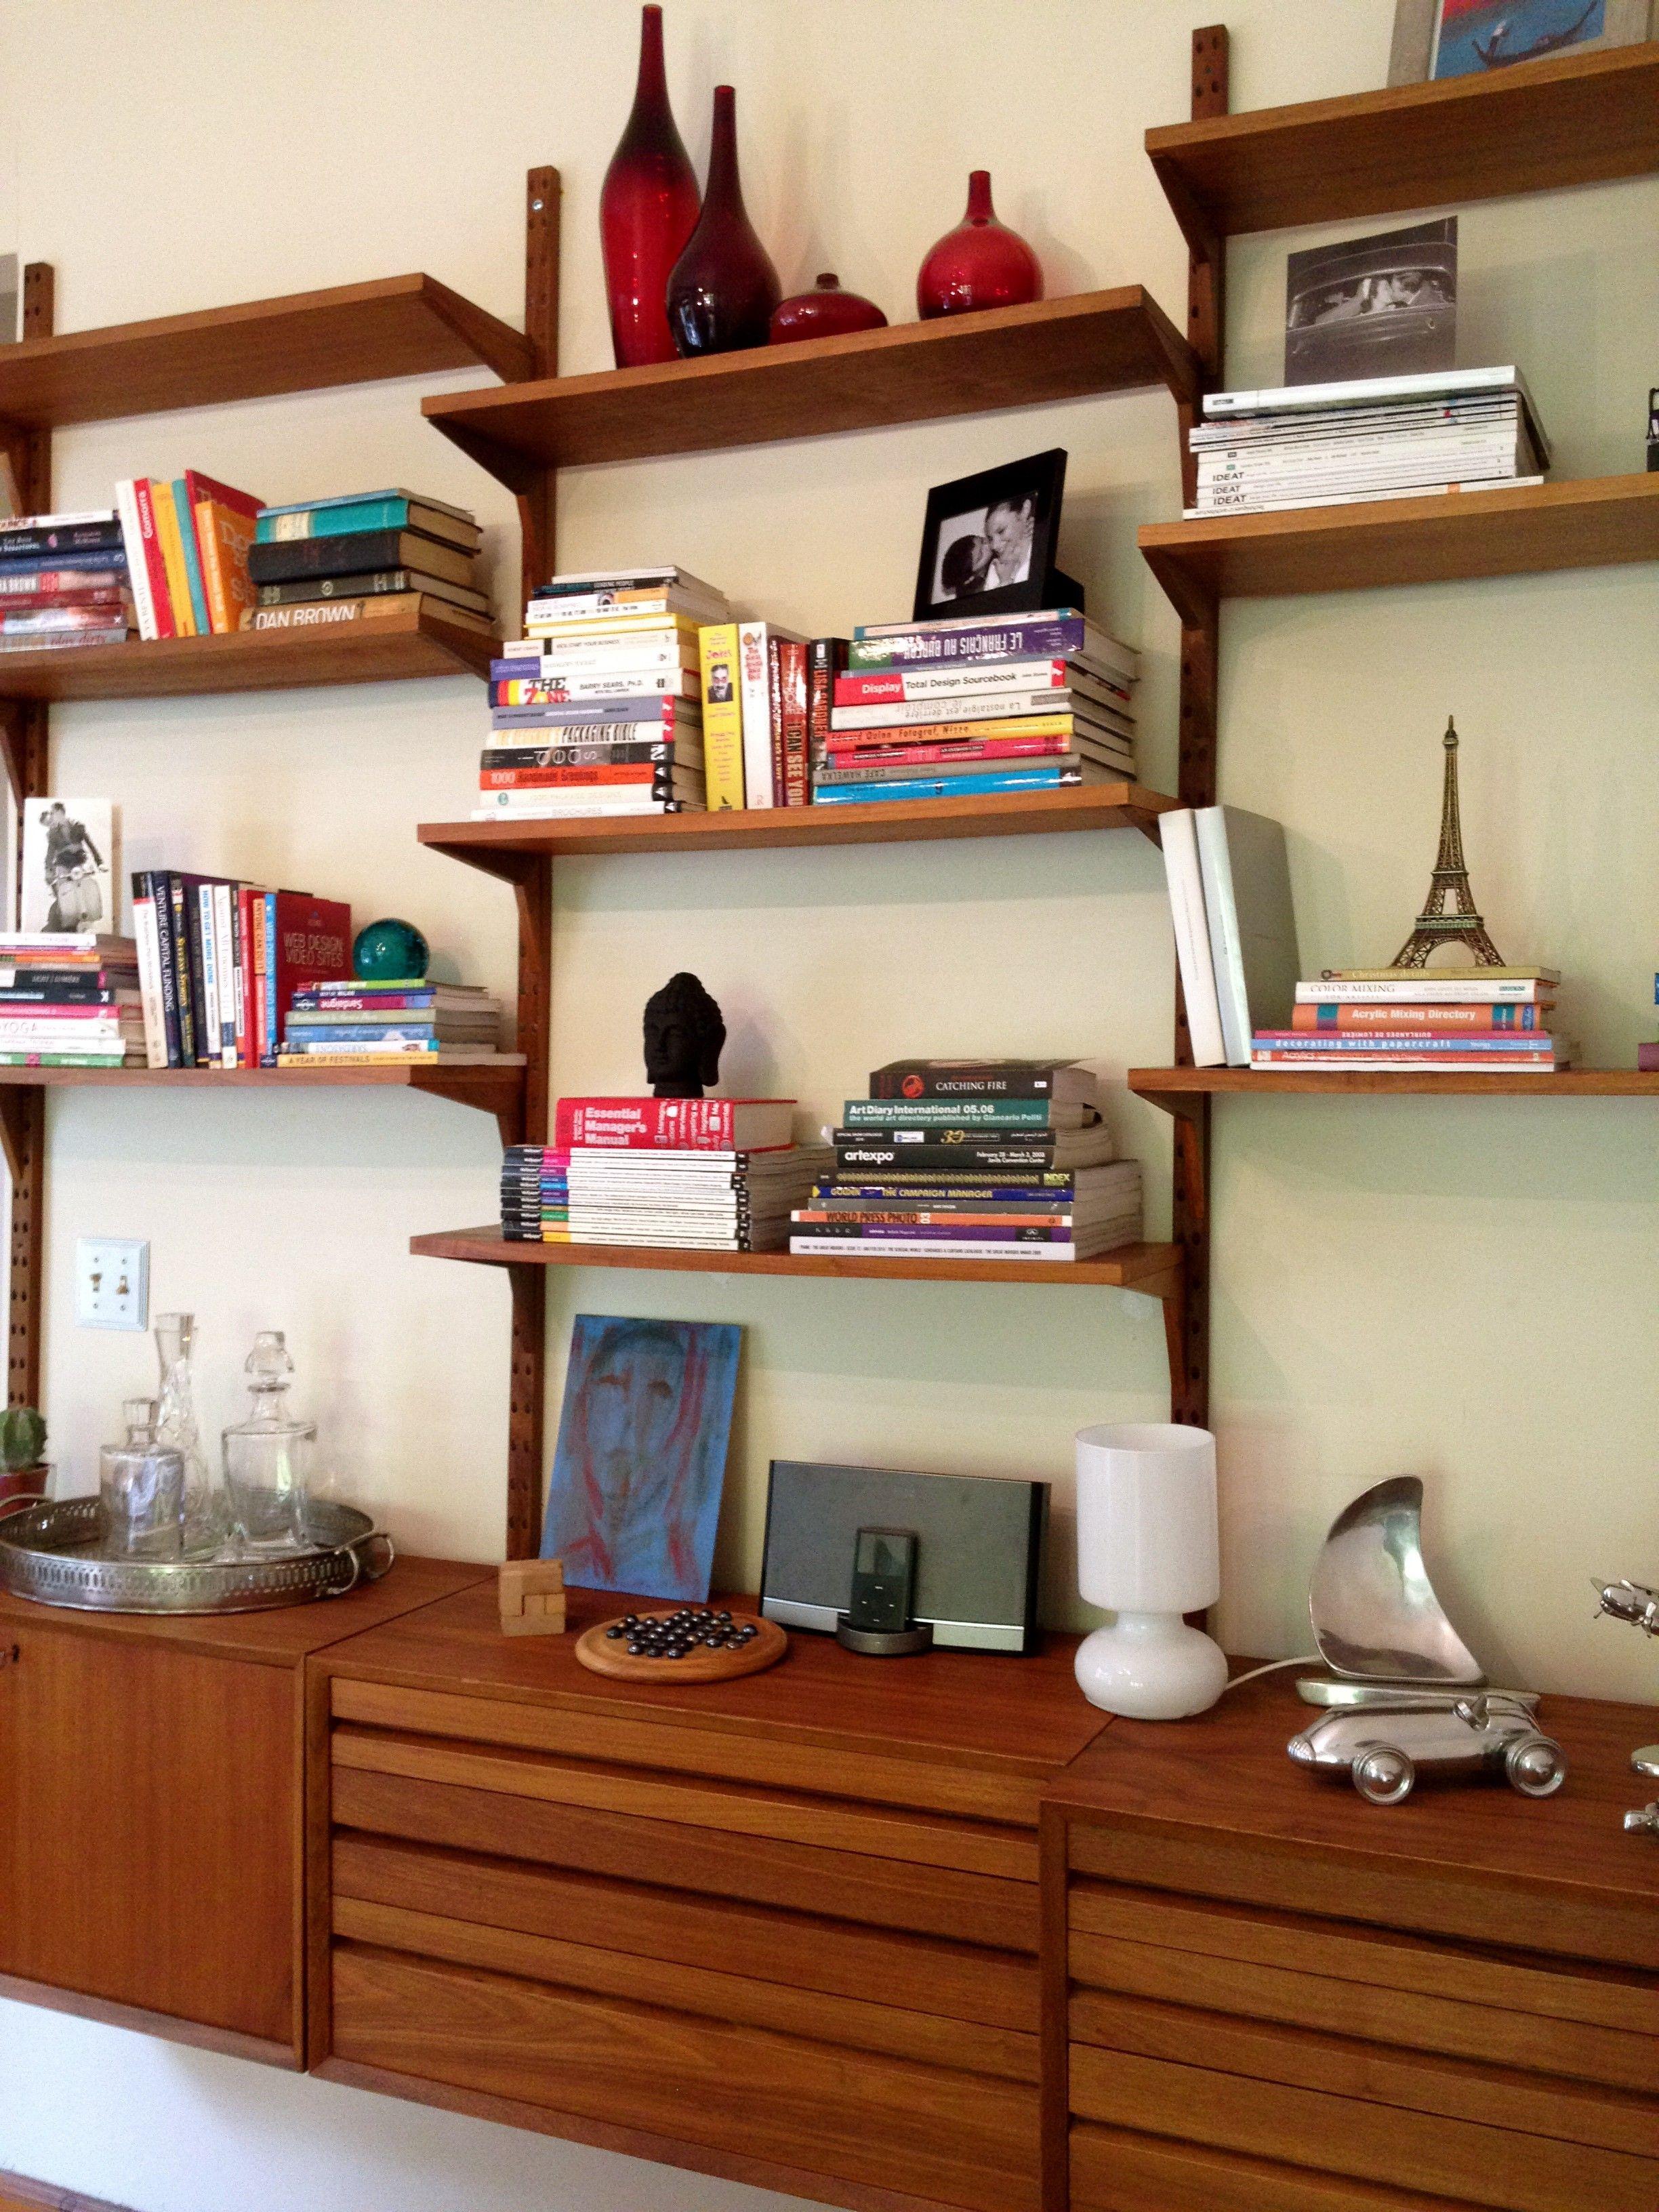 Interesting Scandinavian Bookshelves With Brown Wooden Floating Shelves Interior Ideas On The White Wall And B Floating Shelves Wooden Floating Shelves Shelves